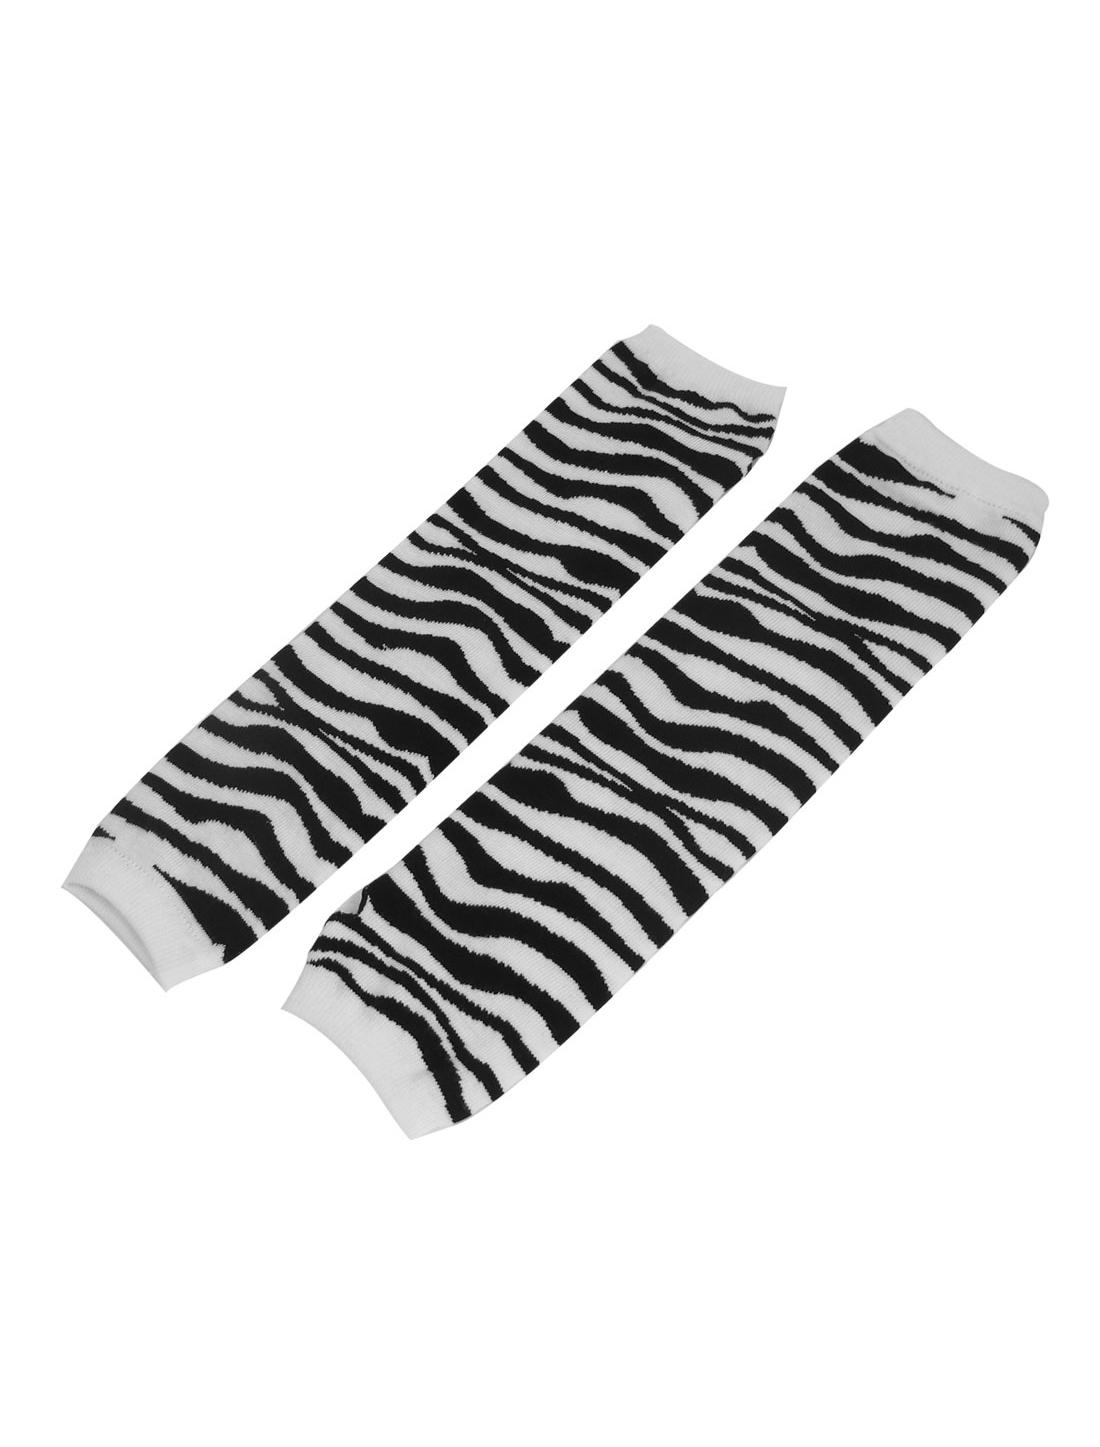 Woman Zebra Print Winter Fall Warmer Fingerless Arm Gloves Black White